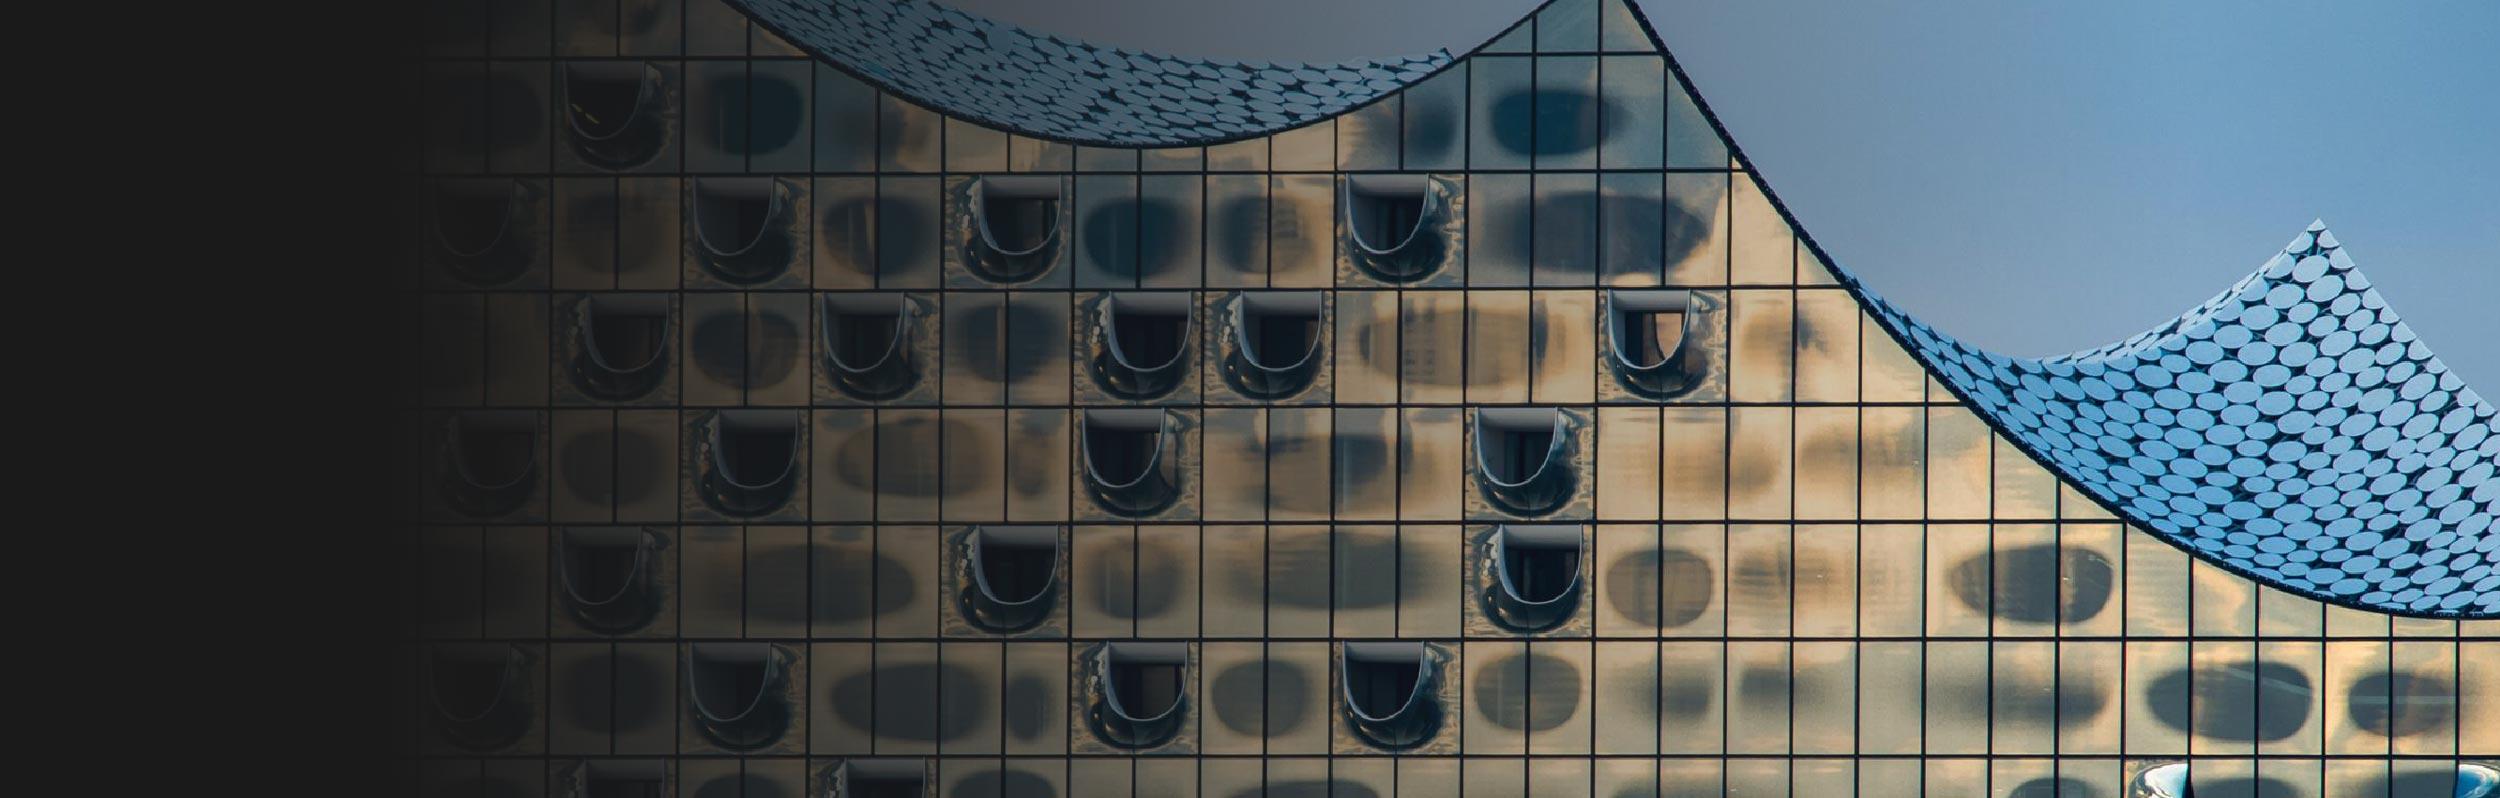 Voetsch-Headerbilder-Elbphilharmonie